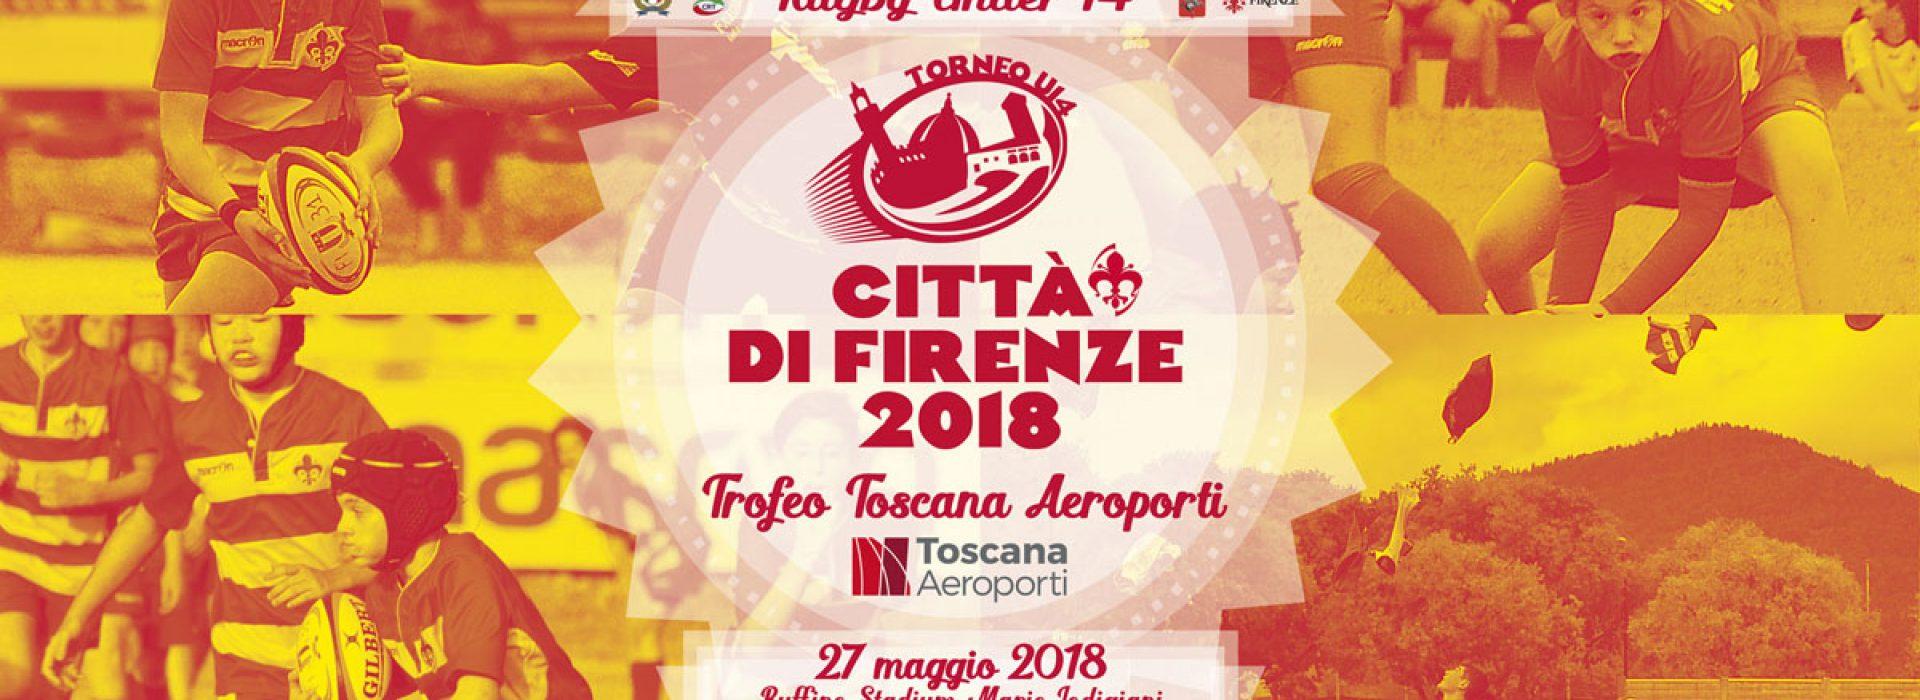 18ª edizione Città di Firenze. La festa dell'Under 14